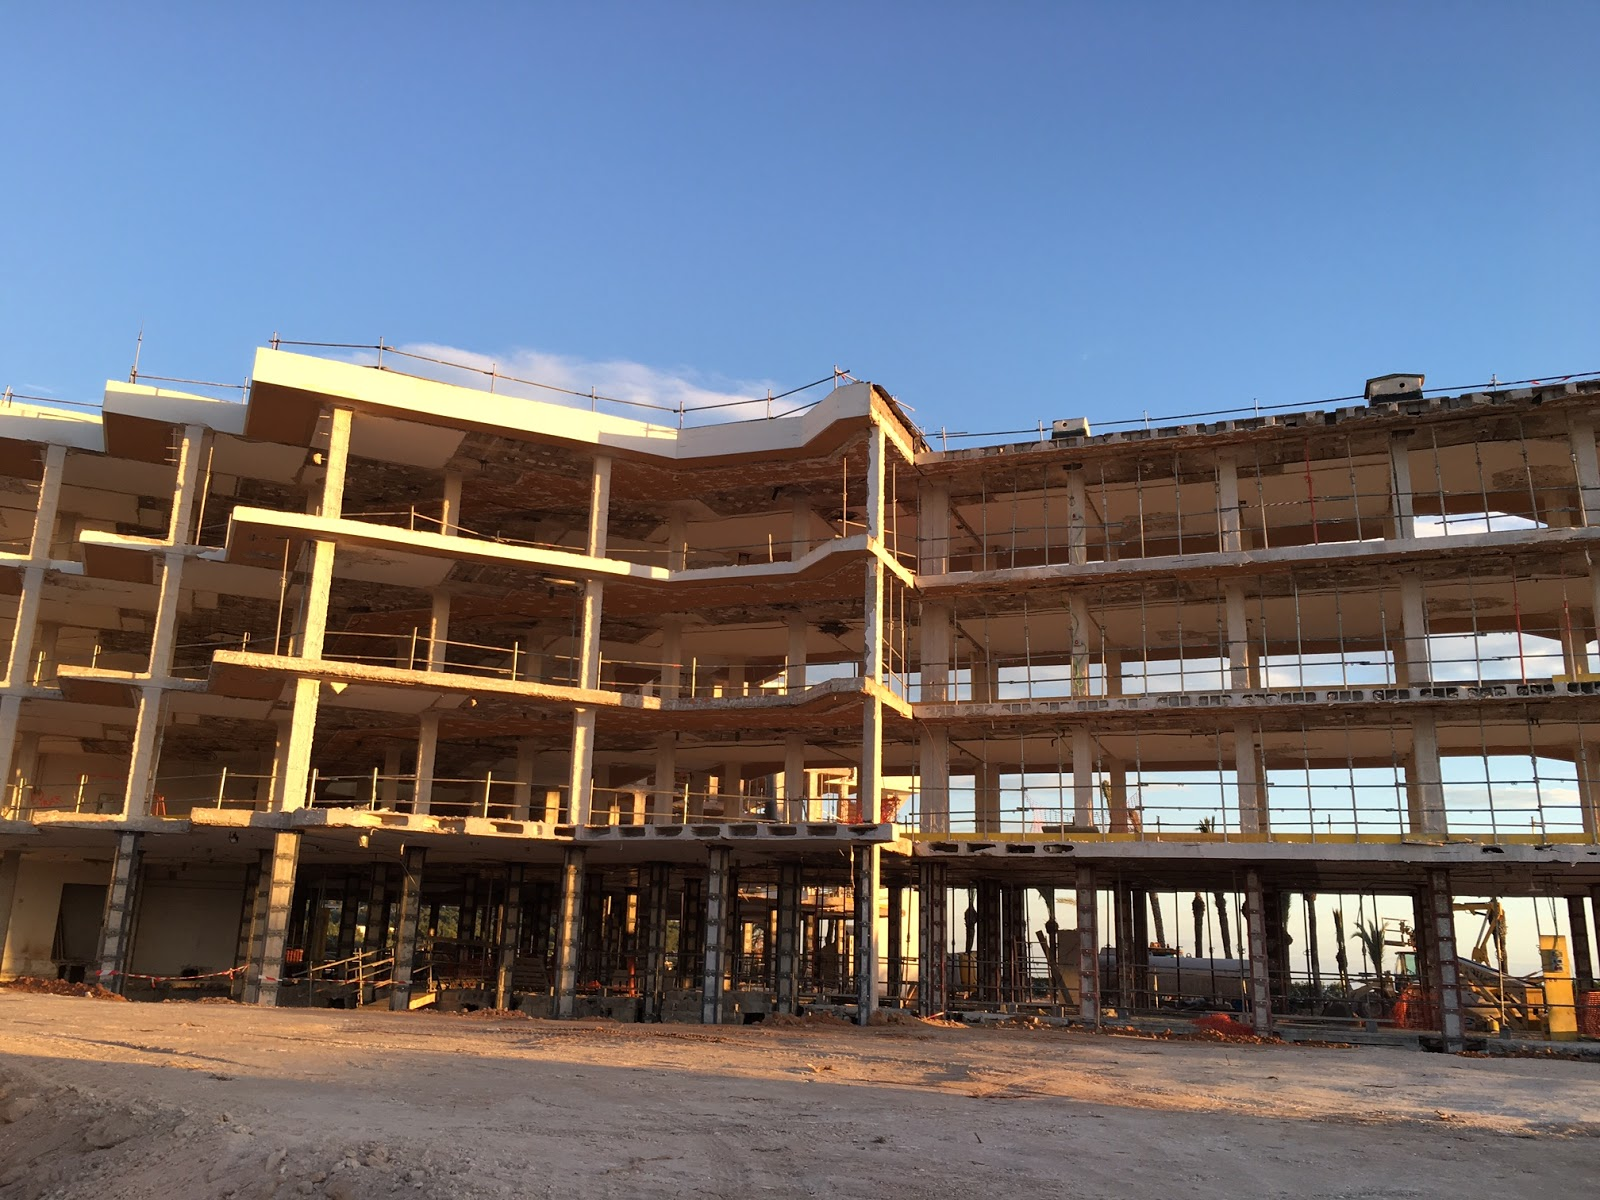 el hotel playa real en obras en talamanca pertenece ahora a puente romano y marbella club tendr tambin estrellas